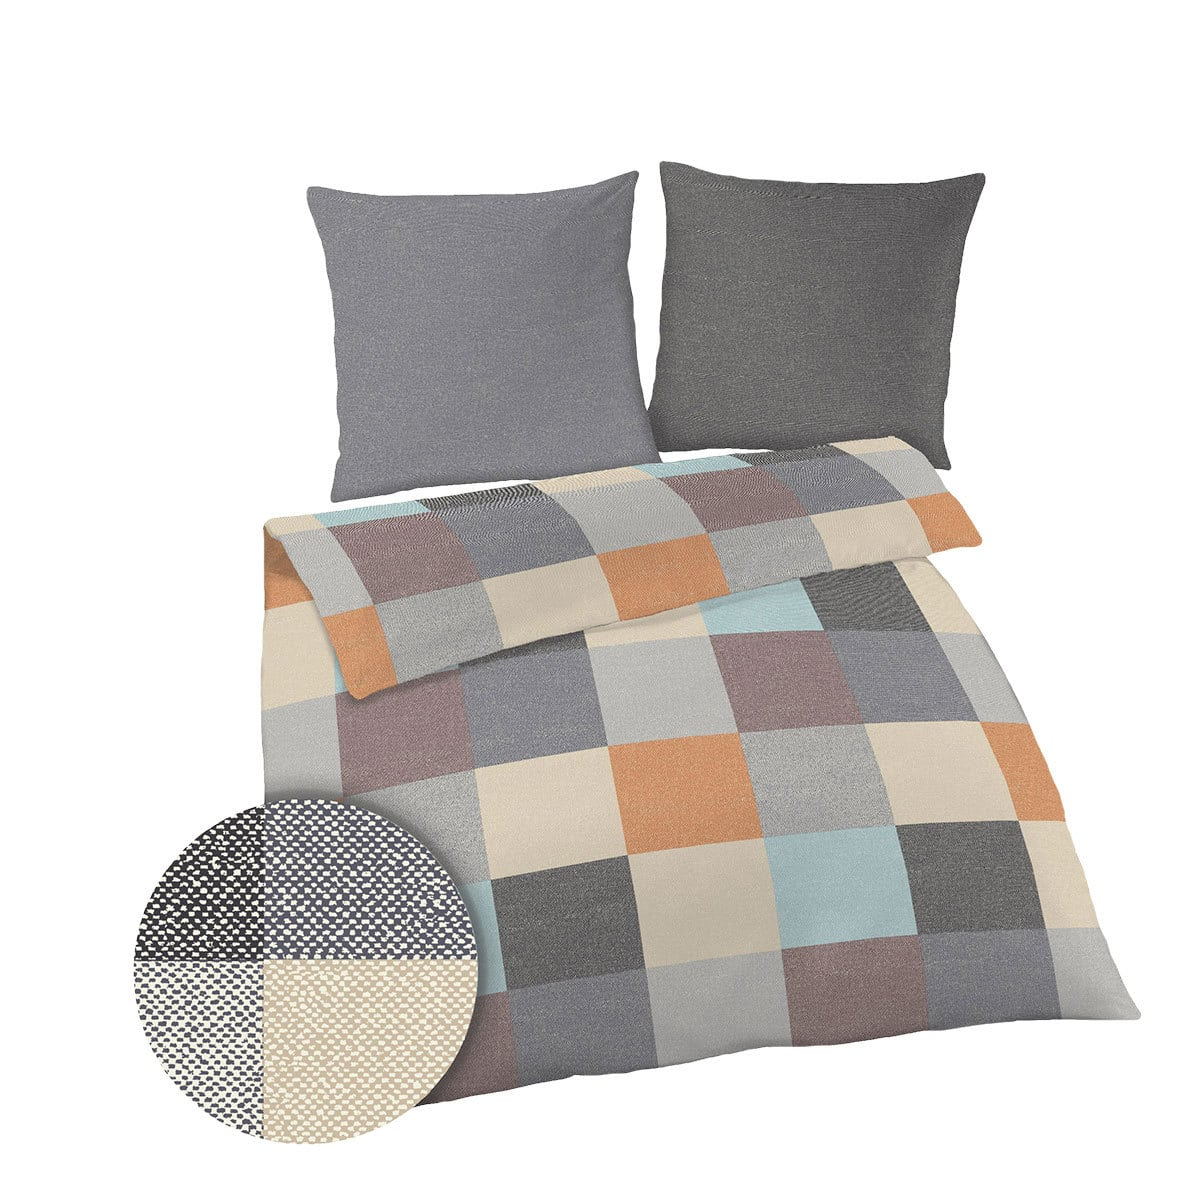 dobnig biber bettw sche karo anthrazit g nstig online kaufen bei bettwaren shop. Black Bedroom Furniture Sets. Home Design Ideas